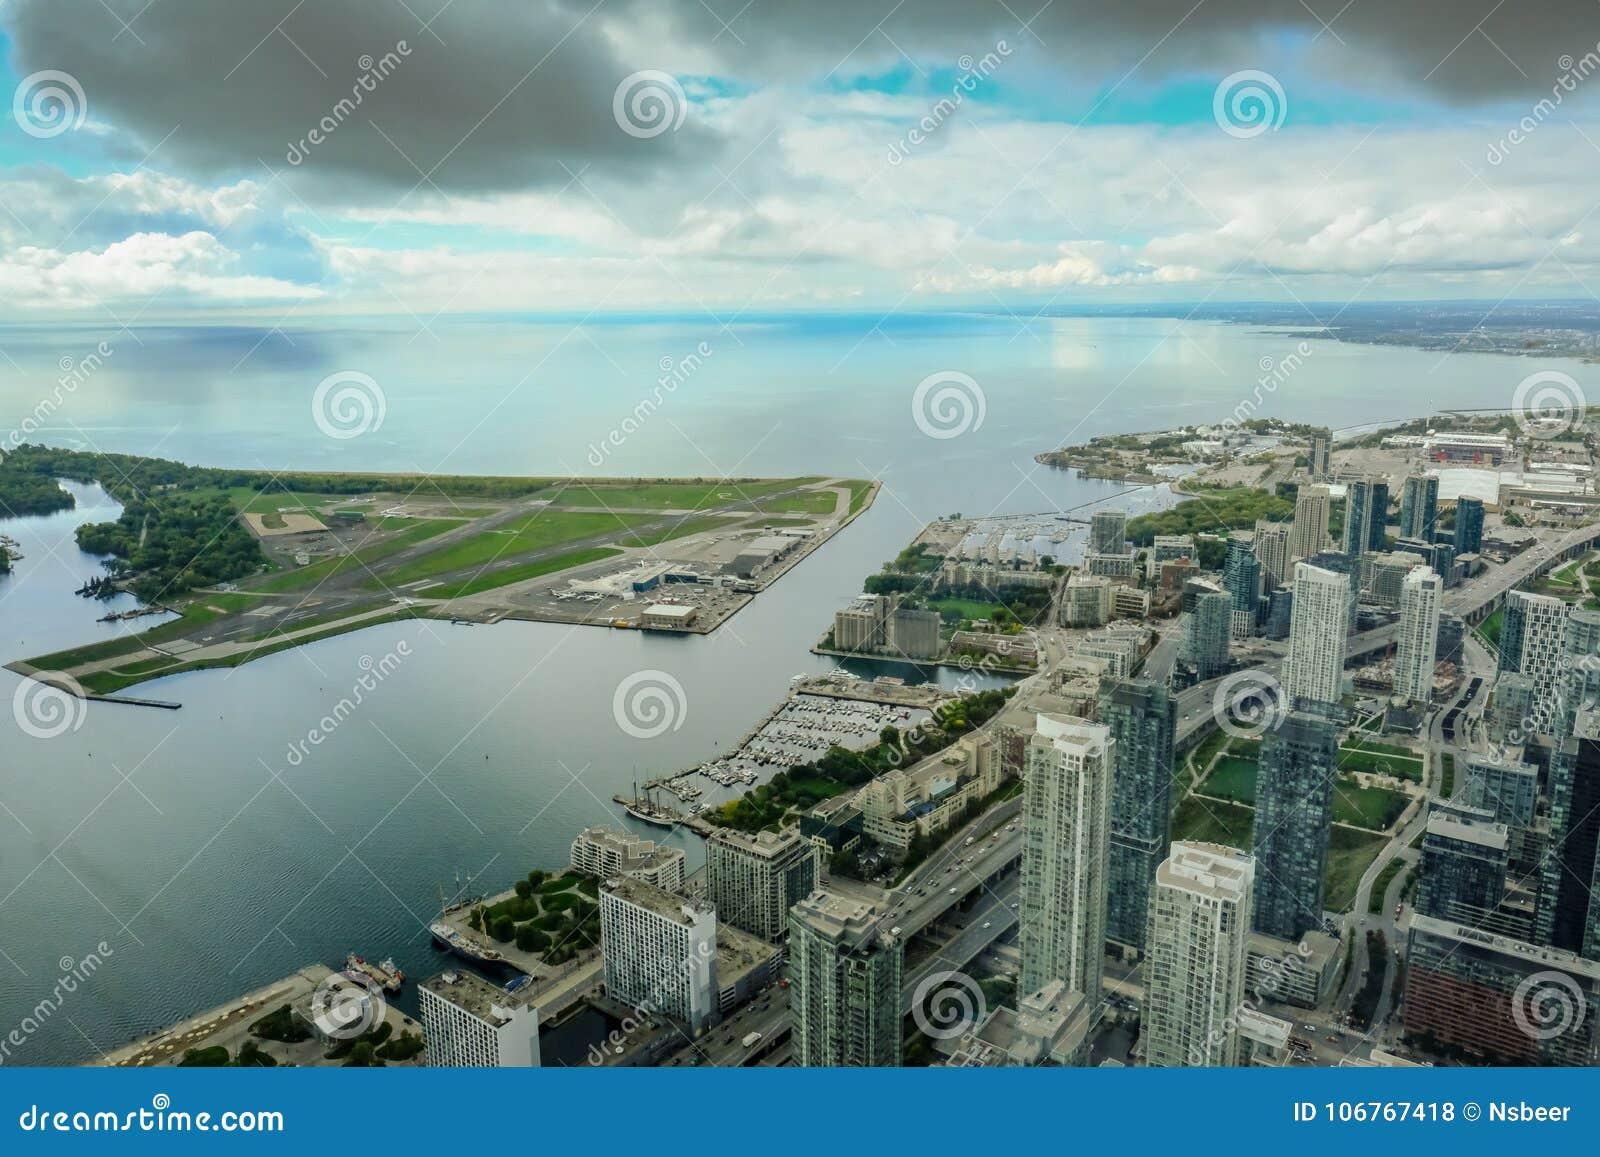 Seriell sikt av Toronto, sjön och den närliggande flygplatsen som lokaliseras på en liten ö